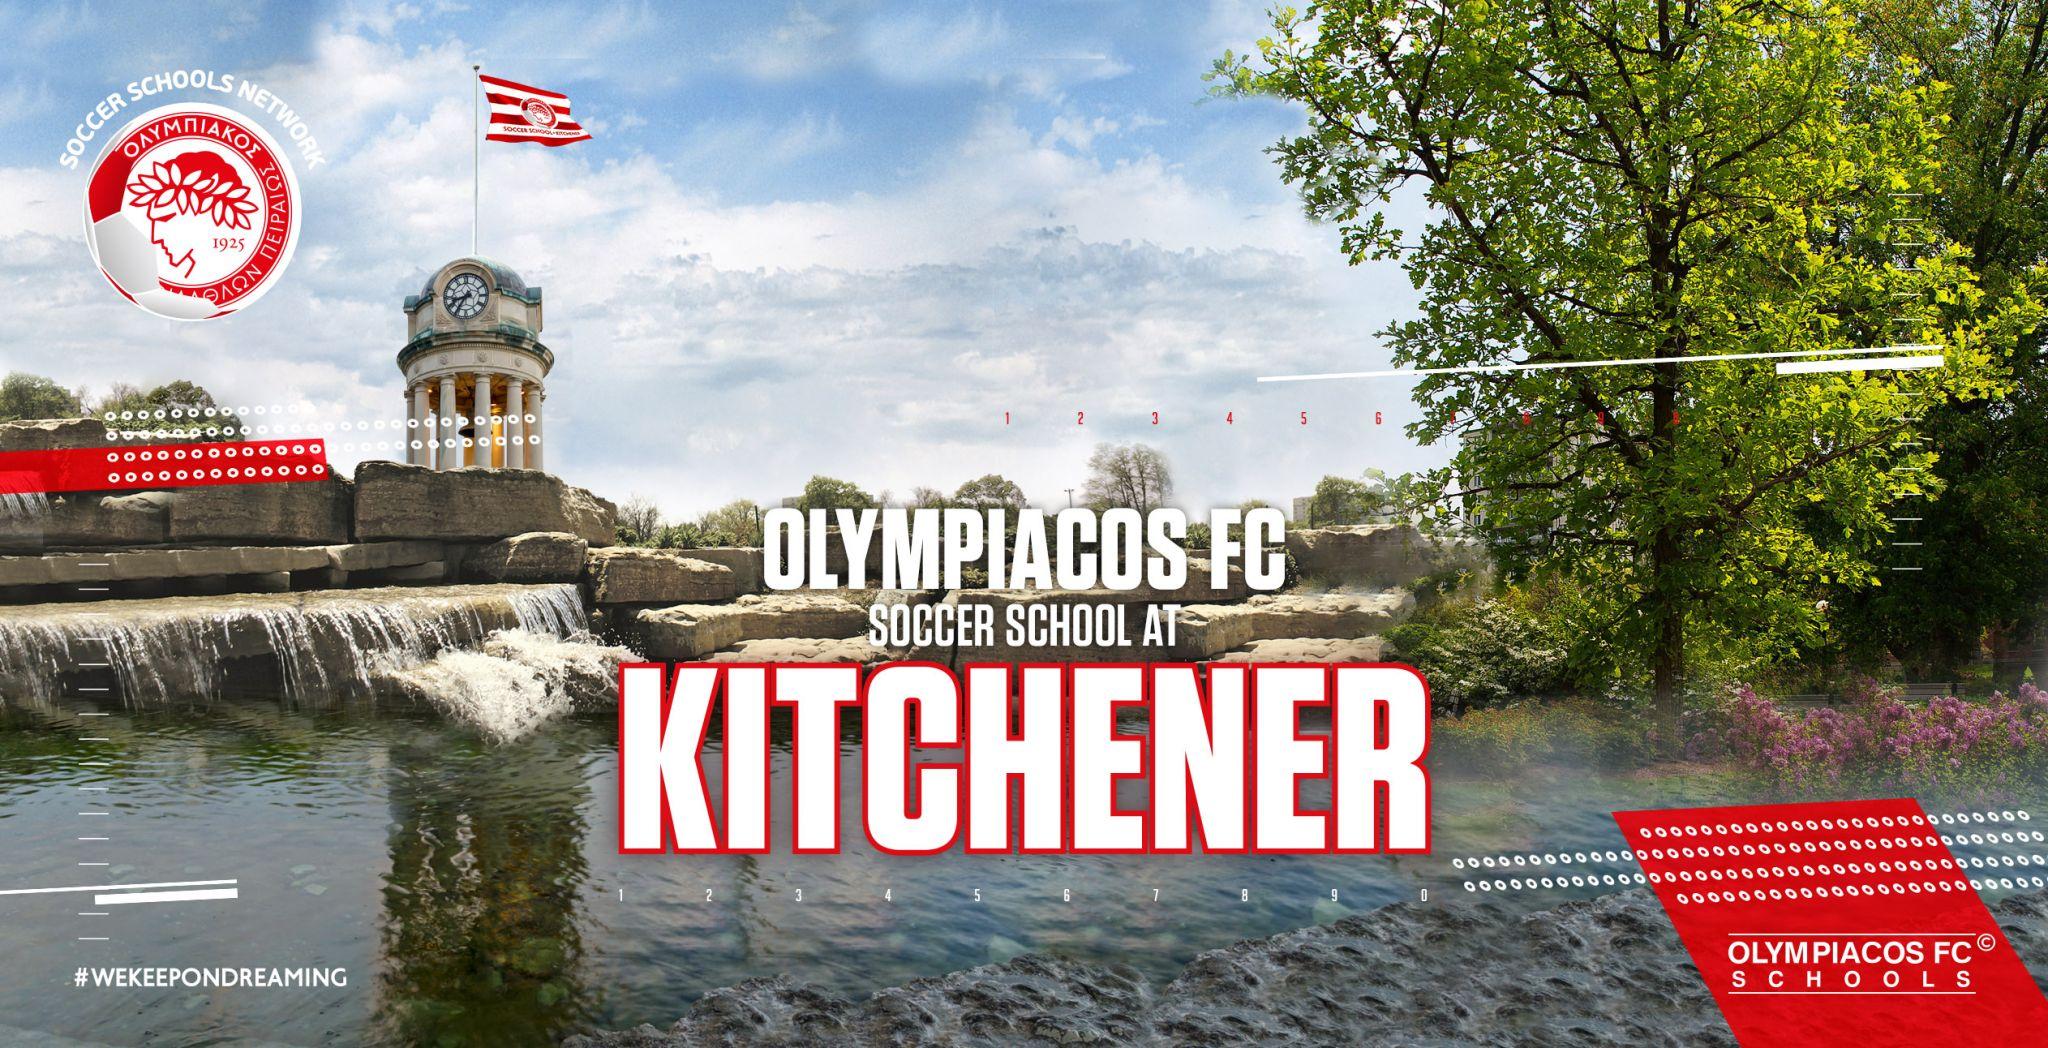 El Olympiacós también en Kitchener